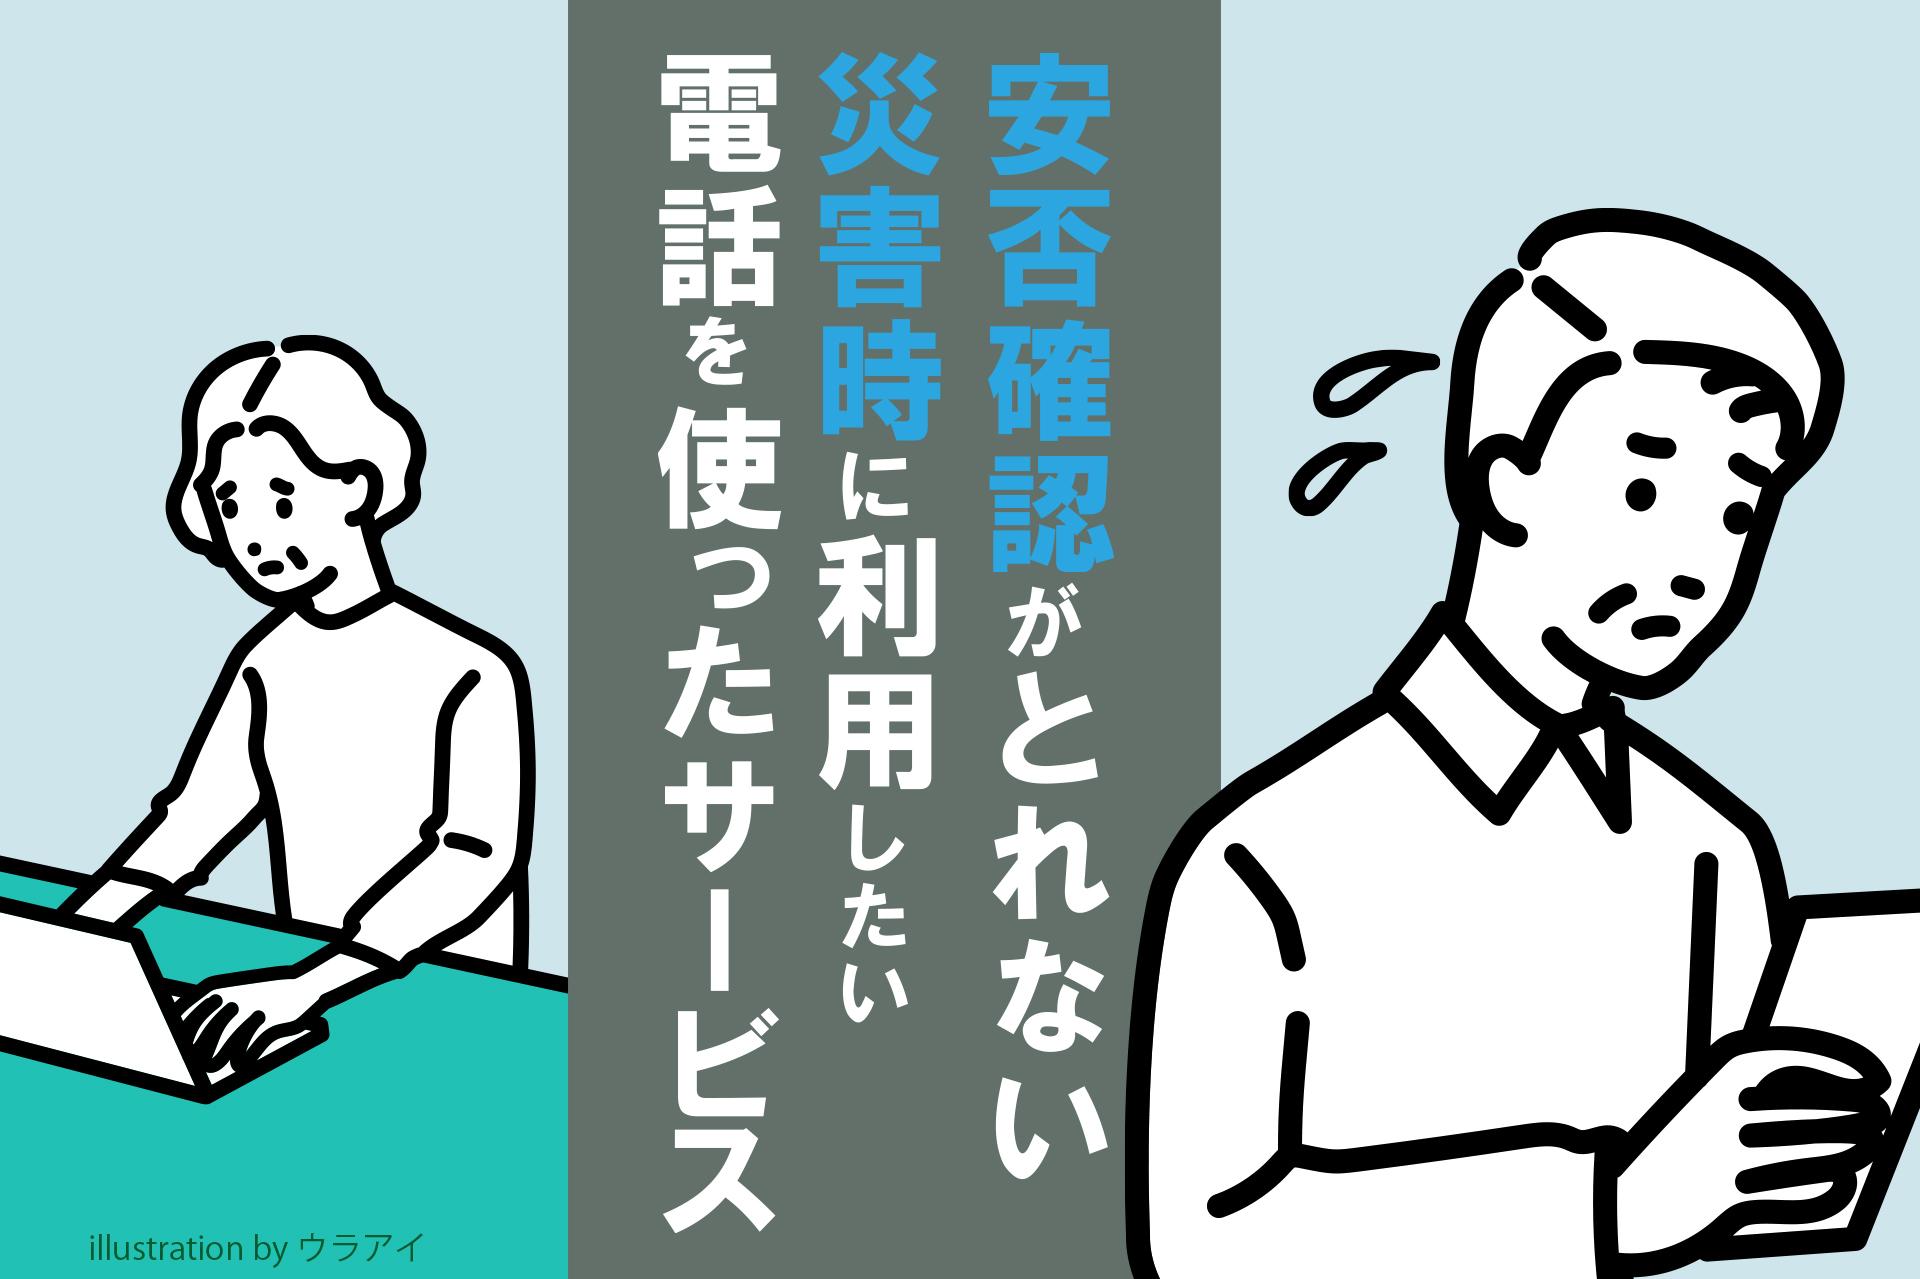 災害用伝言ダイヤル